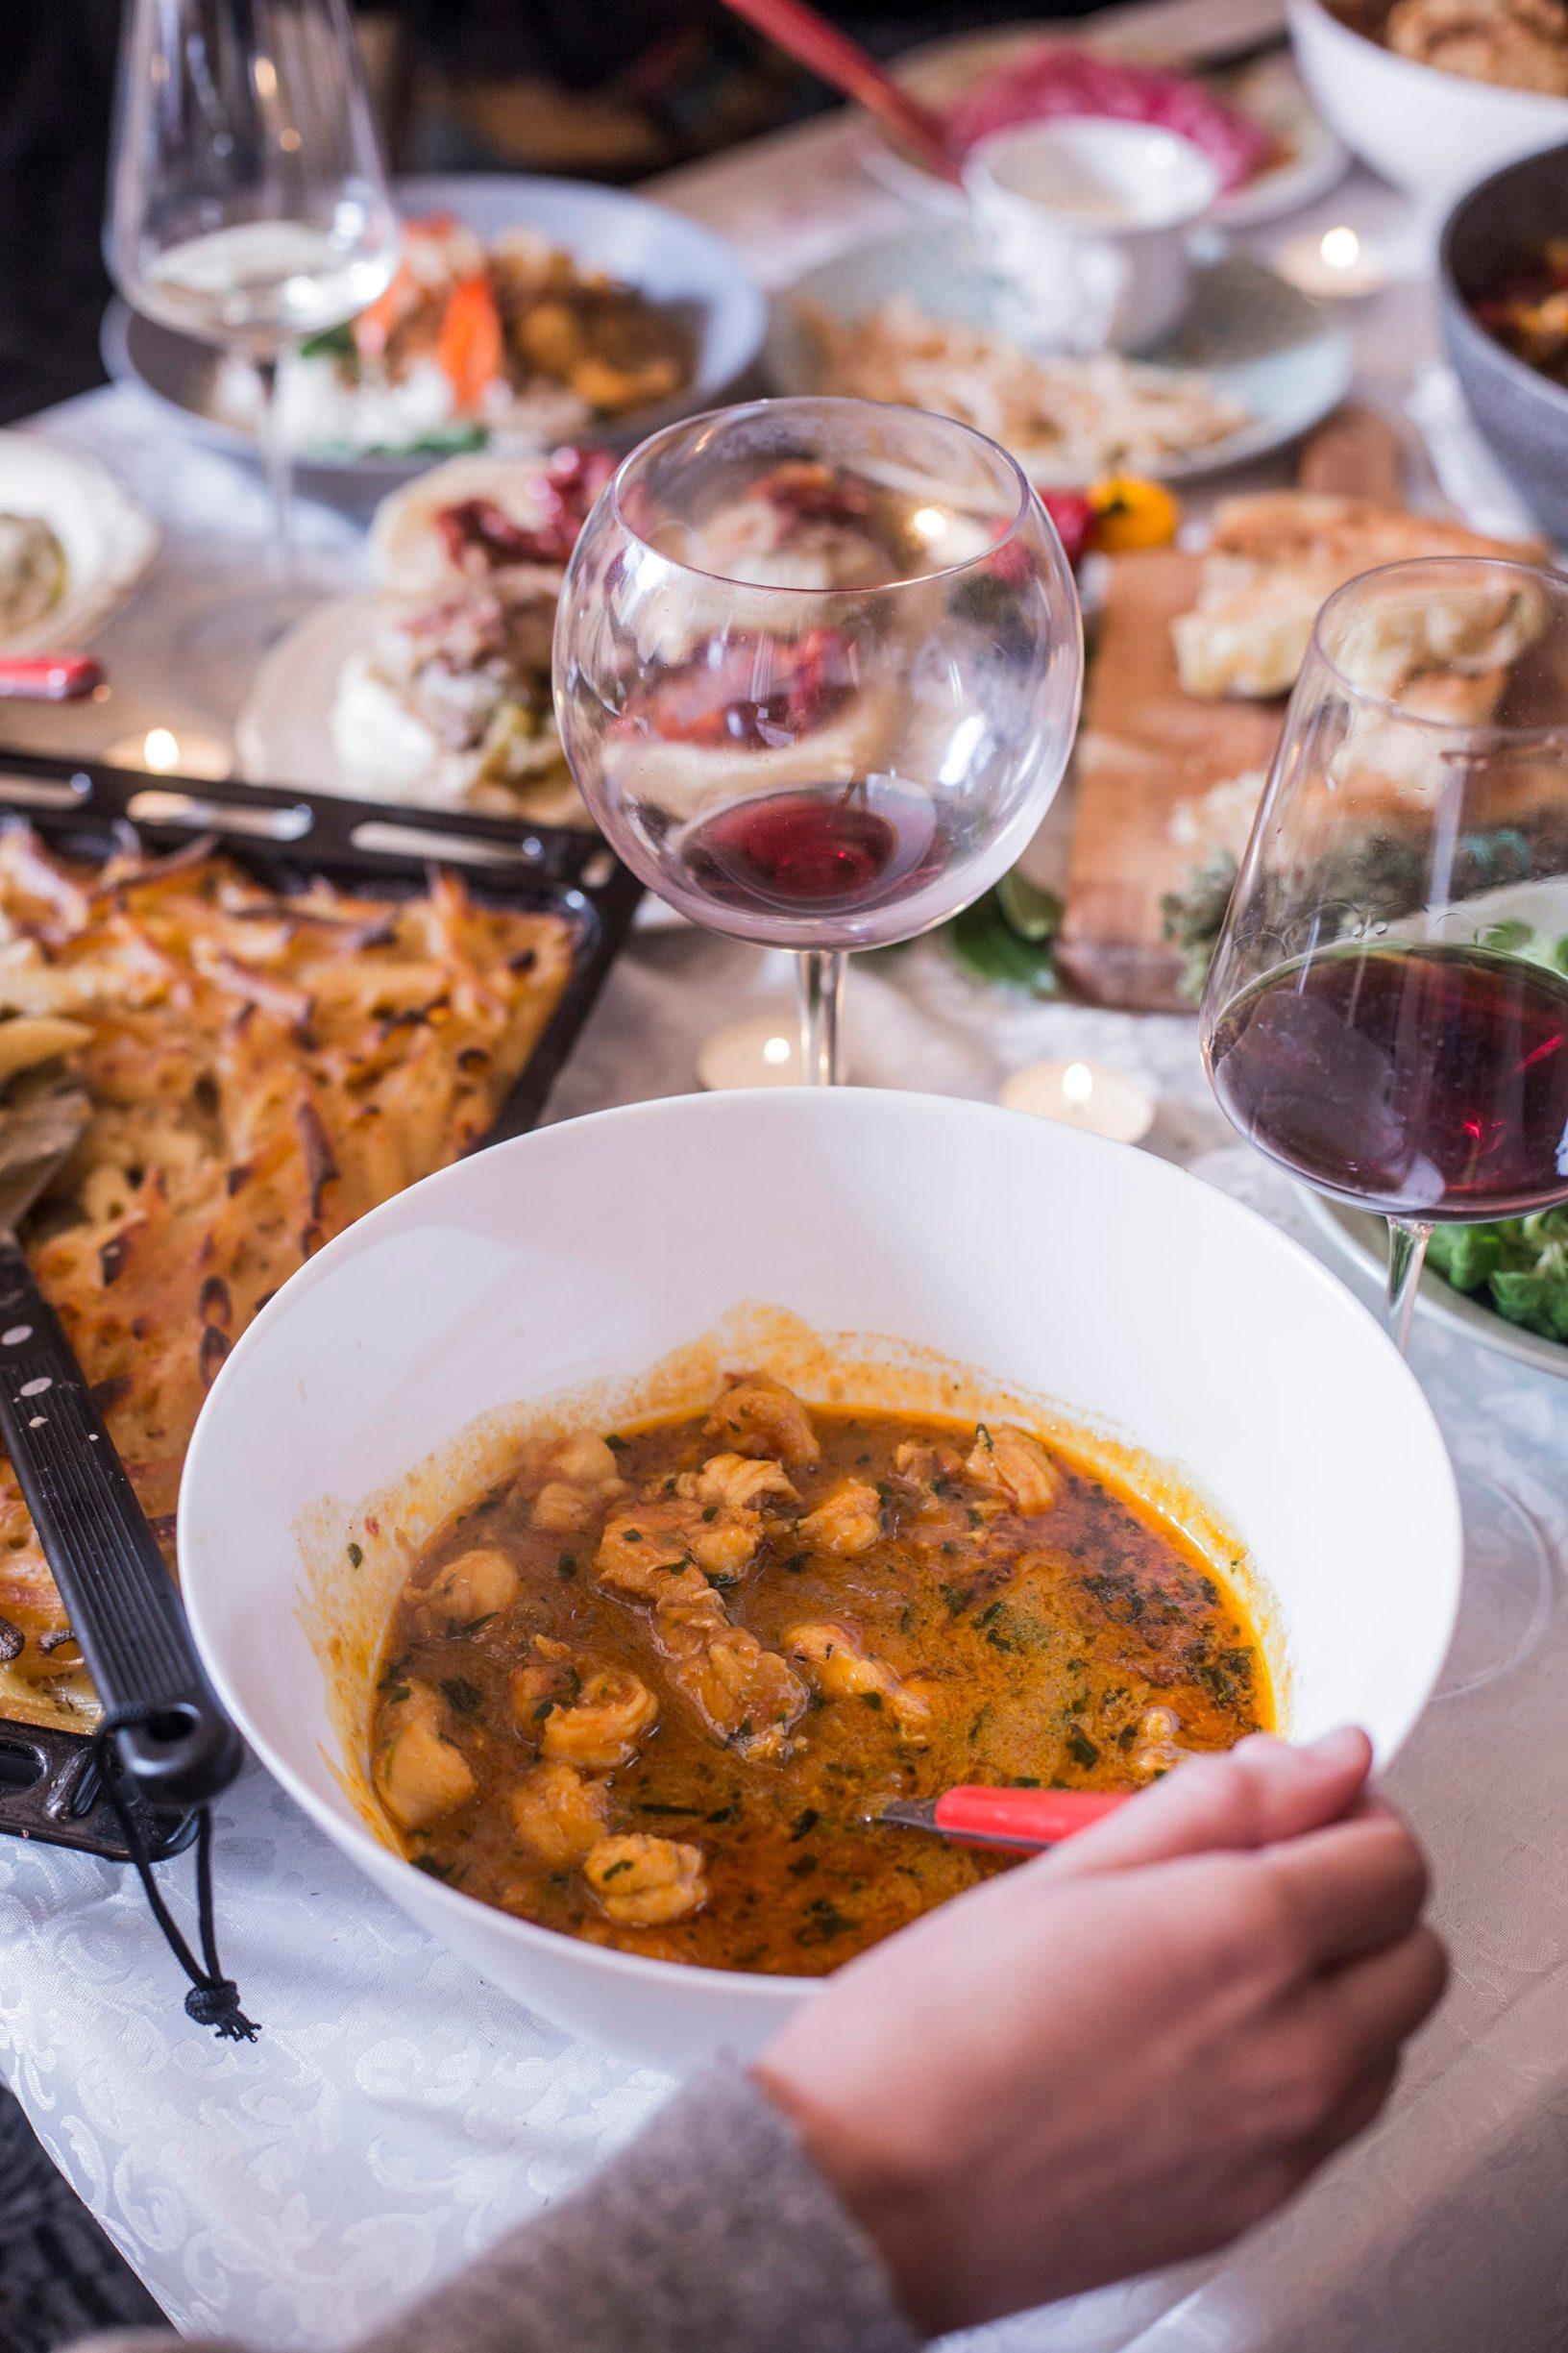 Zagreb, 251119. Hrana nakon slavlja: Chefovi Marko Palfi i Matija Bogdan pripremili su 3 savrsena jela nakon slavljena. Tortilju, curry s morskim plodovima, pohani picek s tjesteinom s sirom. A Anita Saric urednica na webu Dobre hrane  priprmila je hamburger od sarme i burek s pecenom piletinom. Foto: Berislava Picek/ CROPIX